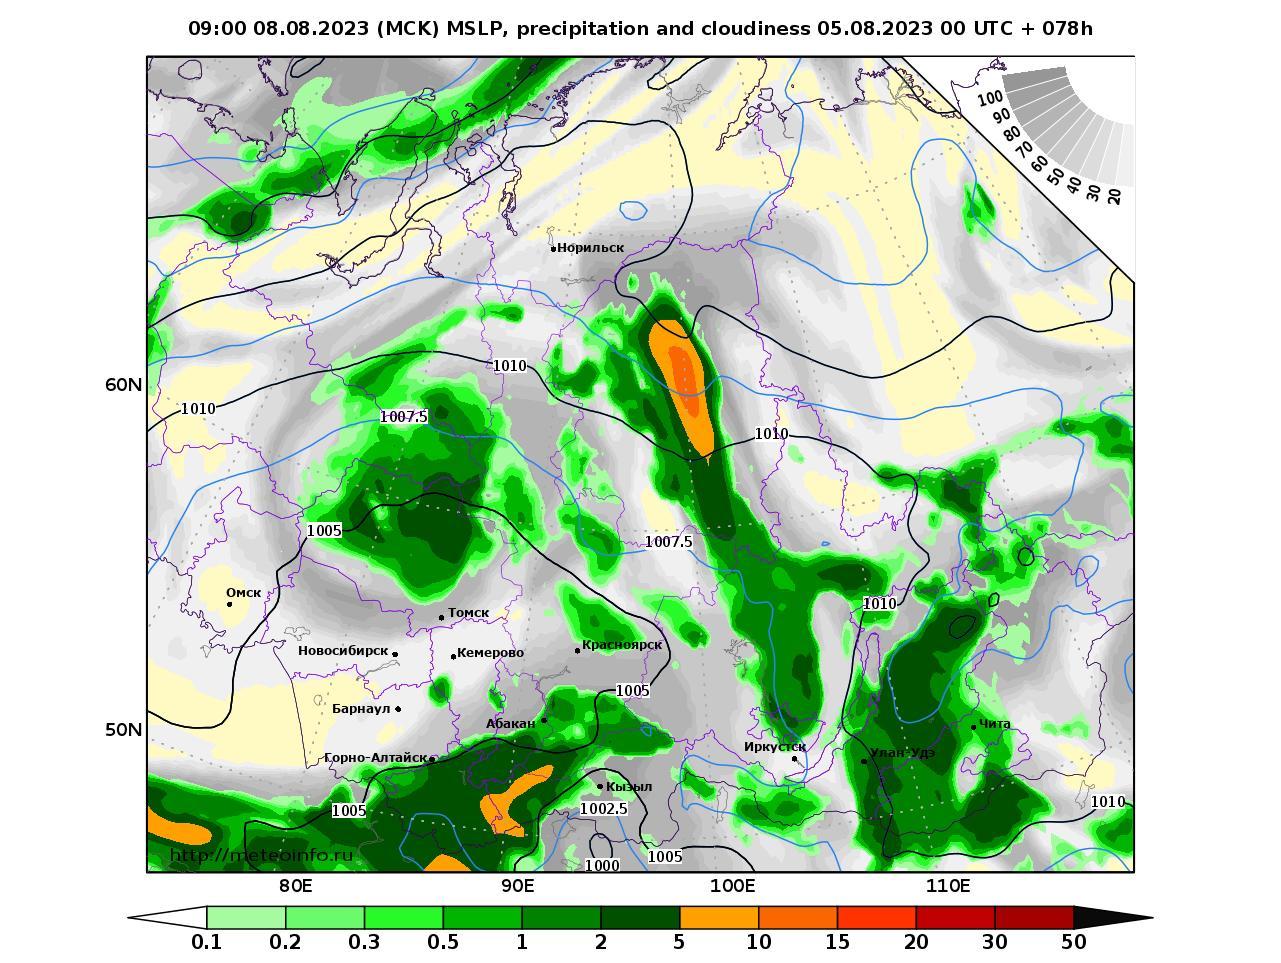 Сибирский Федеральный округ, прогностическая карта осадки и давление, заблаговременность прогноза 78 часов